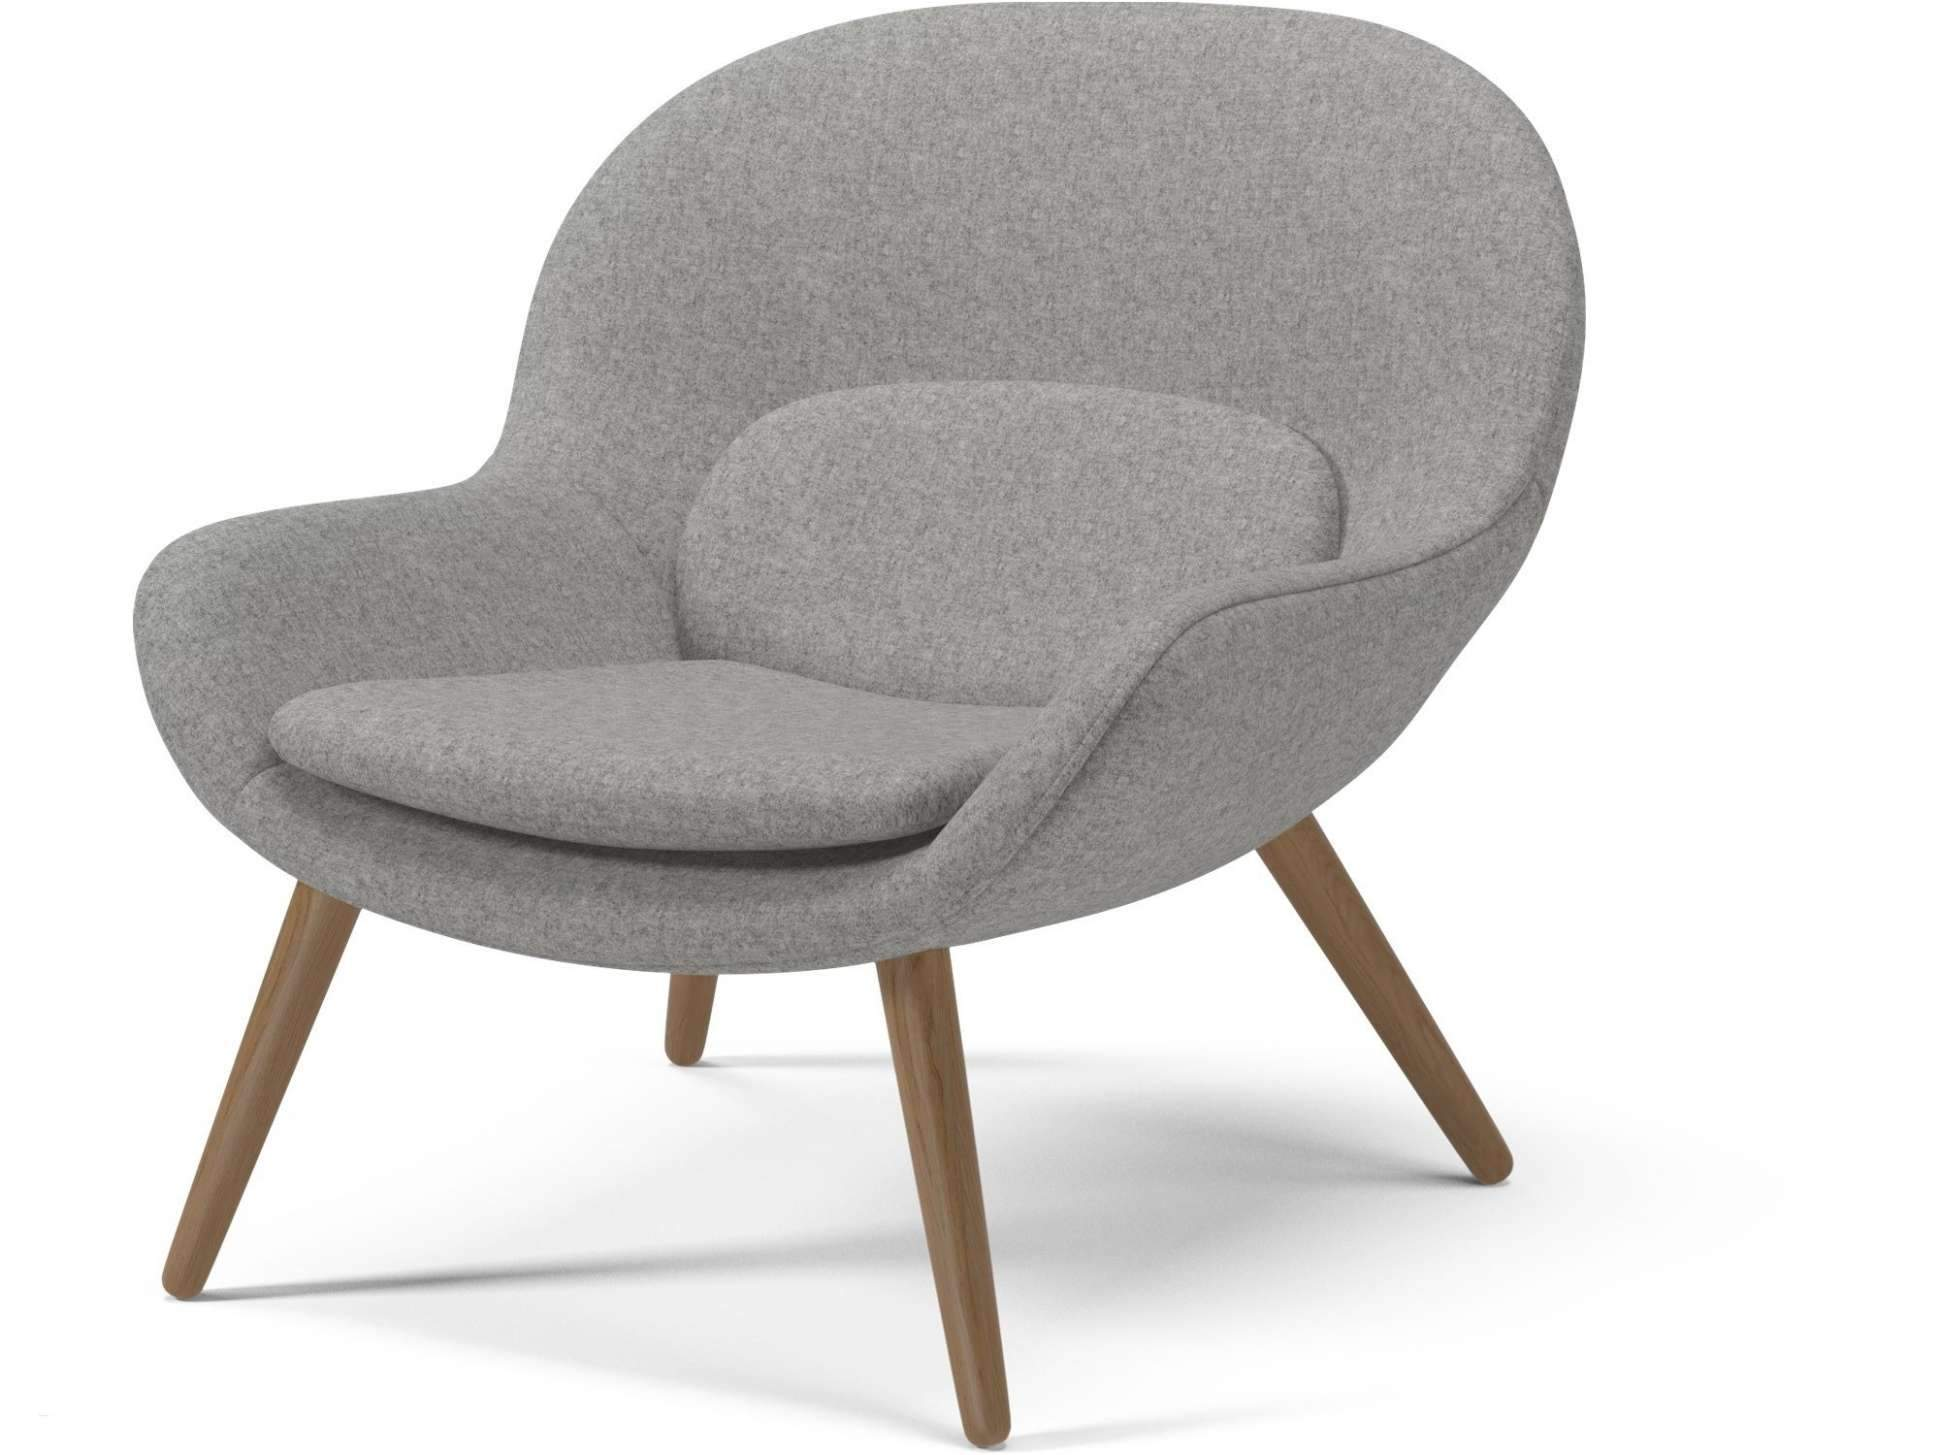 wohnzimmer sessel modern luxus im trend sessel mit ottomane konzept of wohnzimmer sessel modern